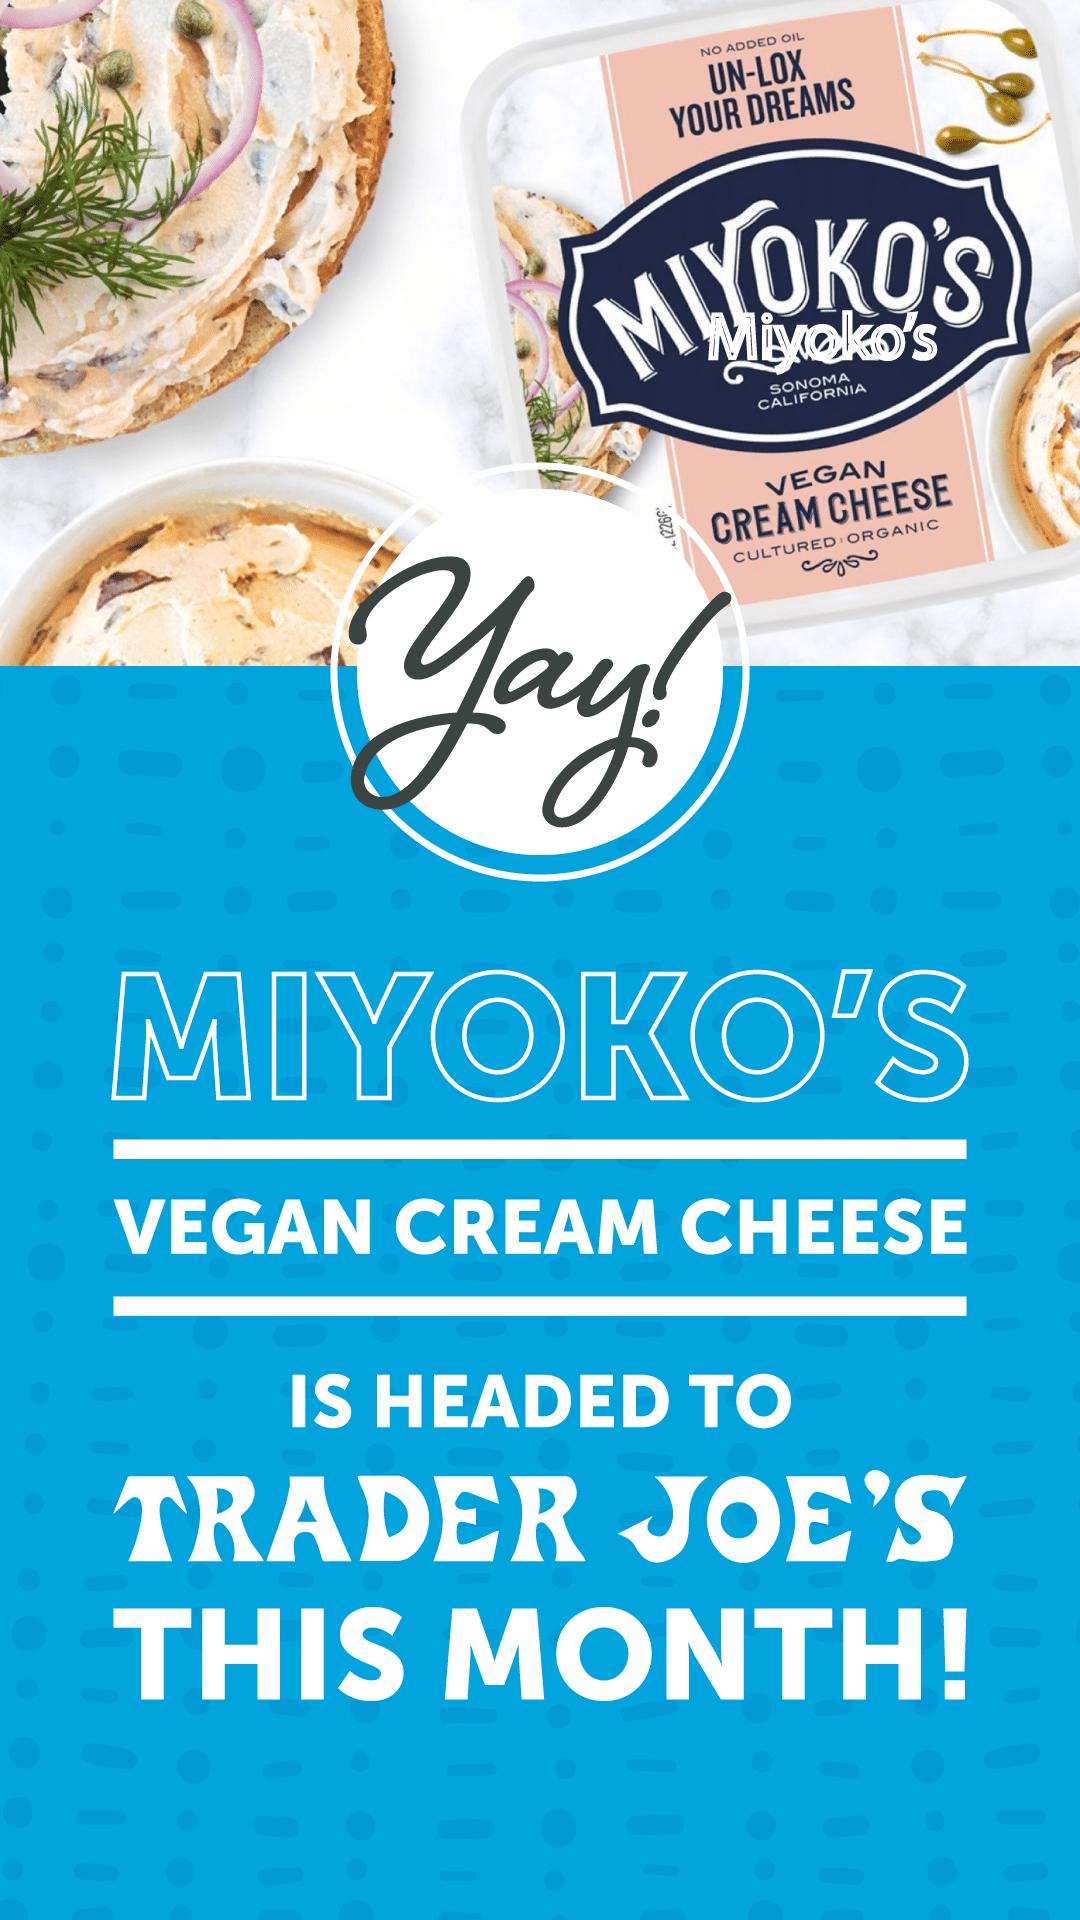 Miyoko's Vegan Cream Cheese Is Headed to Trader Joe's This Month